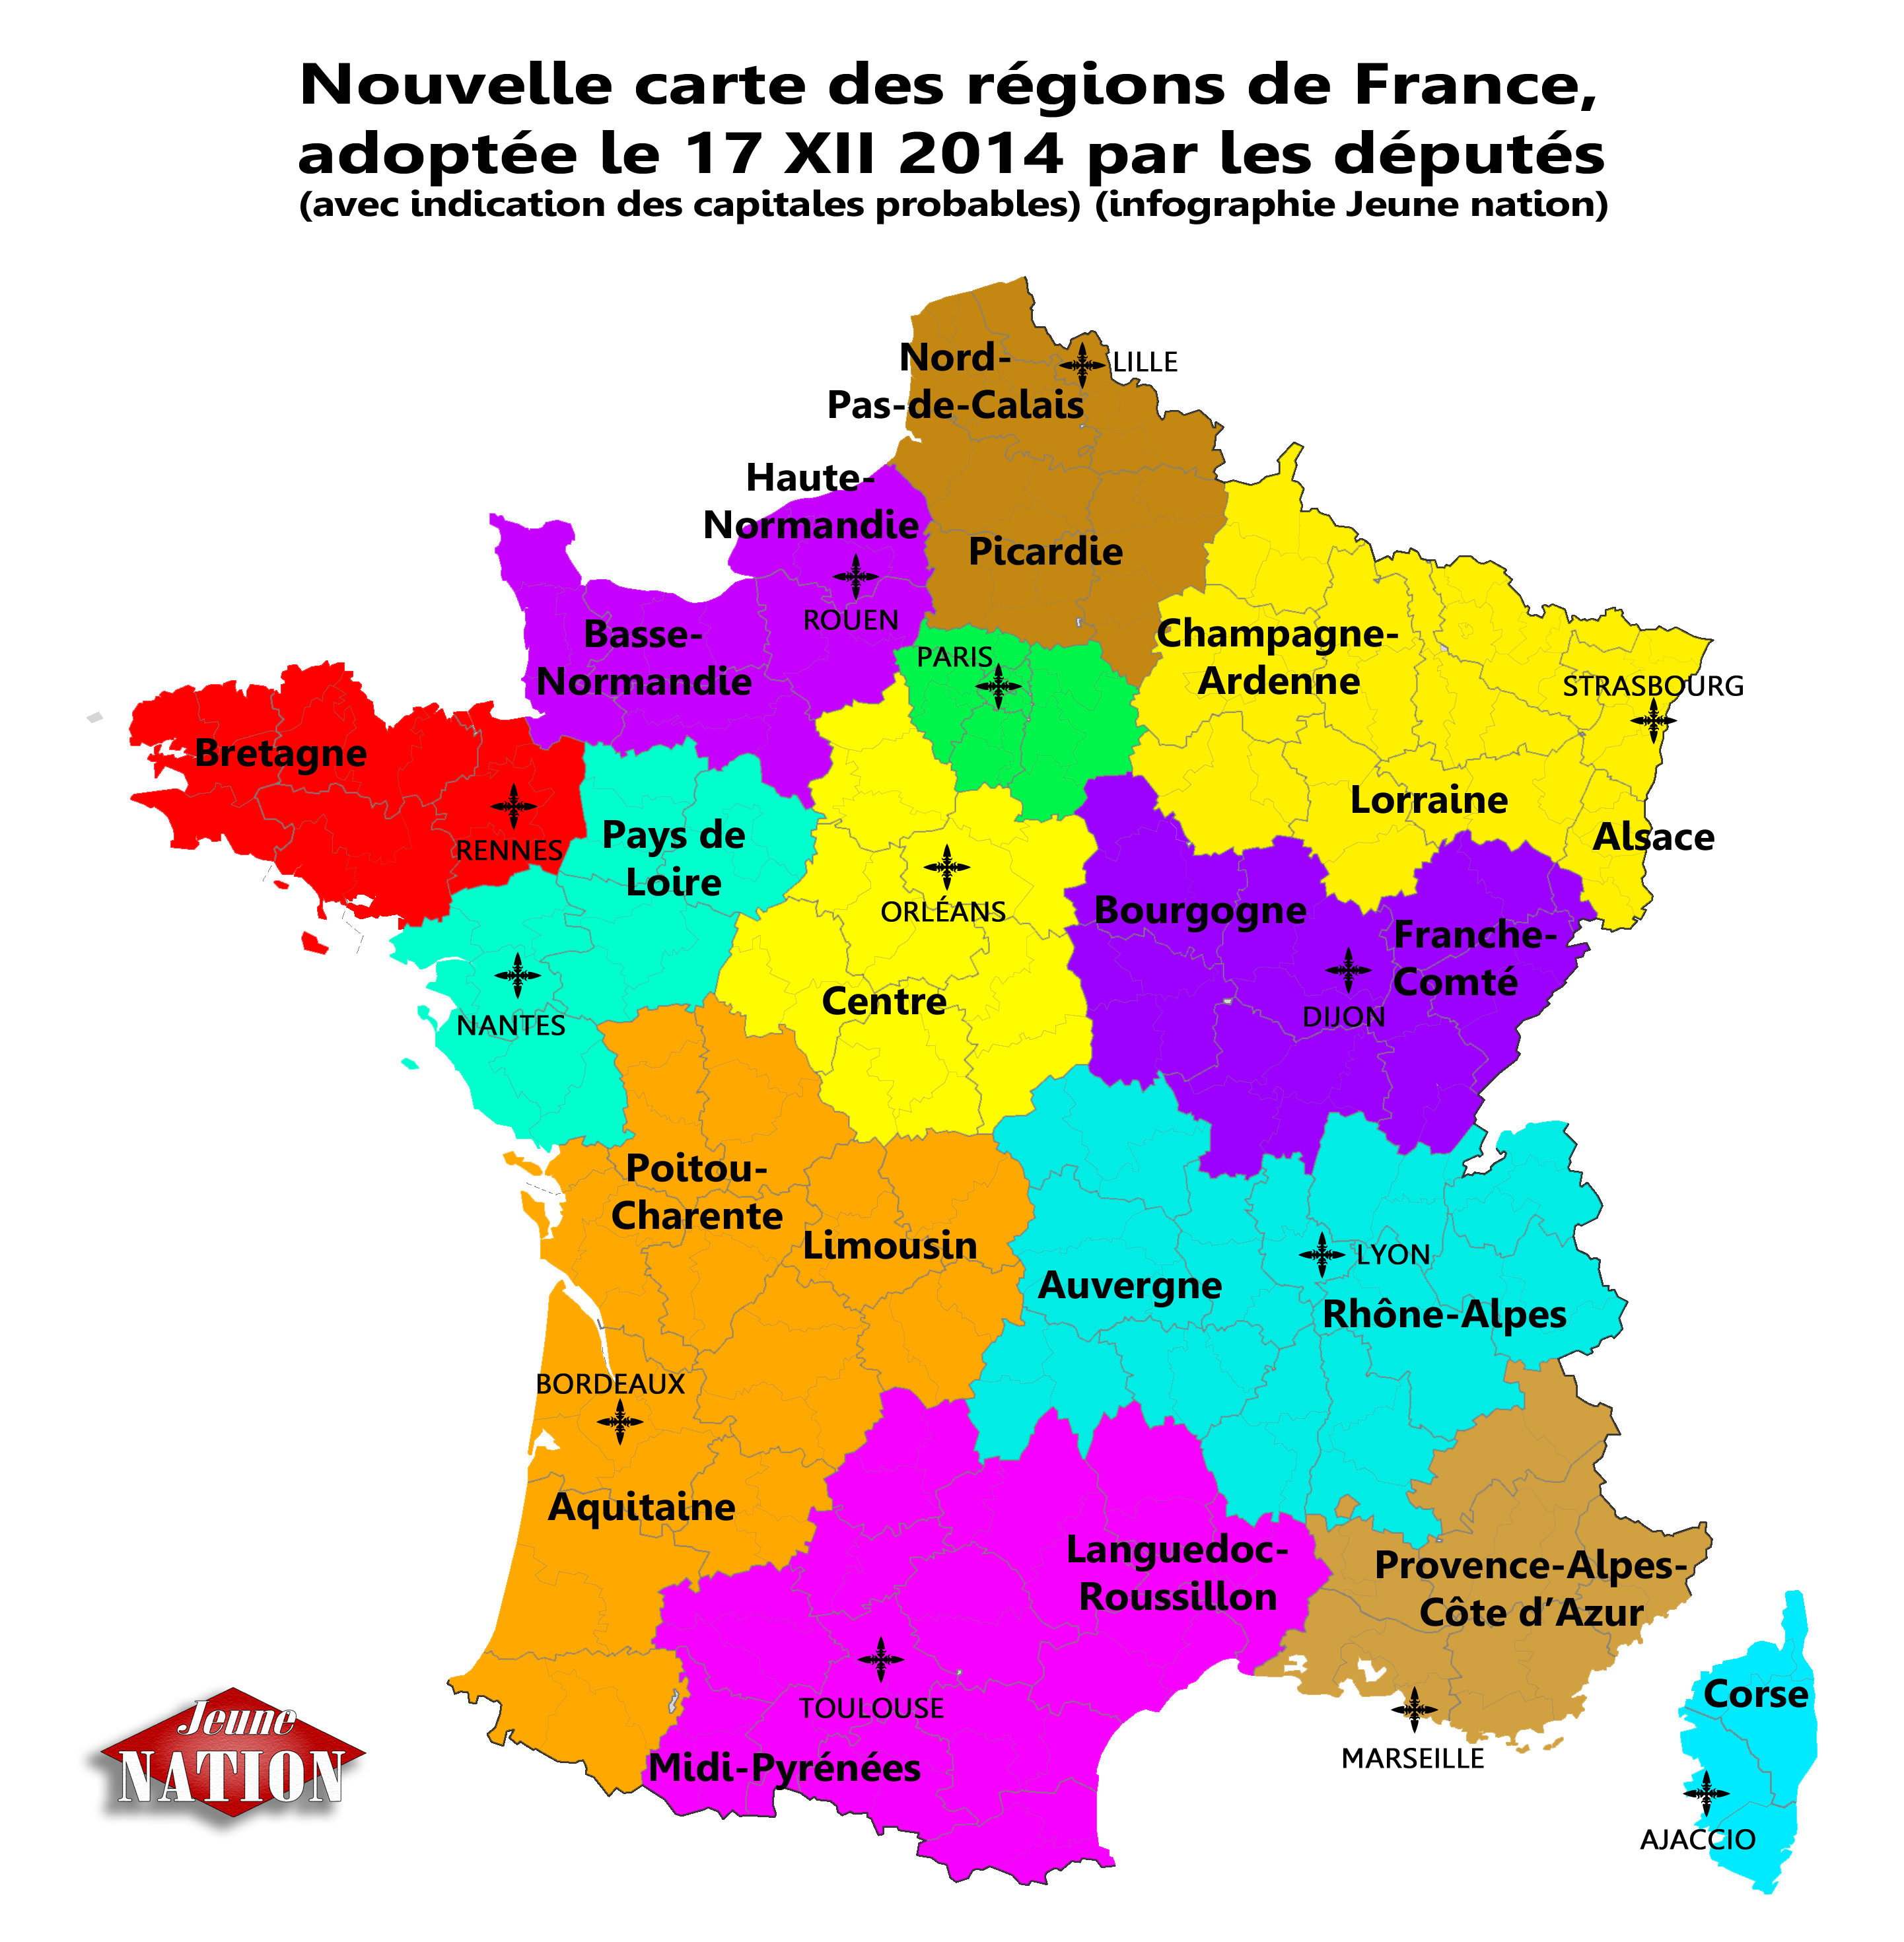 Réforme Territoriale : Les Députés Valident Définitivement destiné Nouvelle Carte Des Régions De France